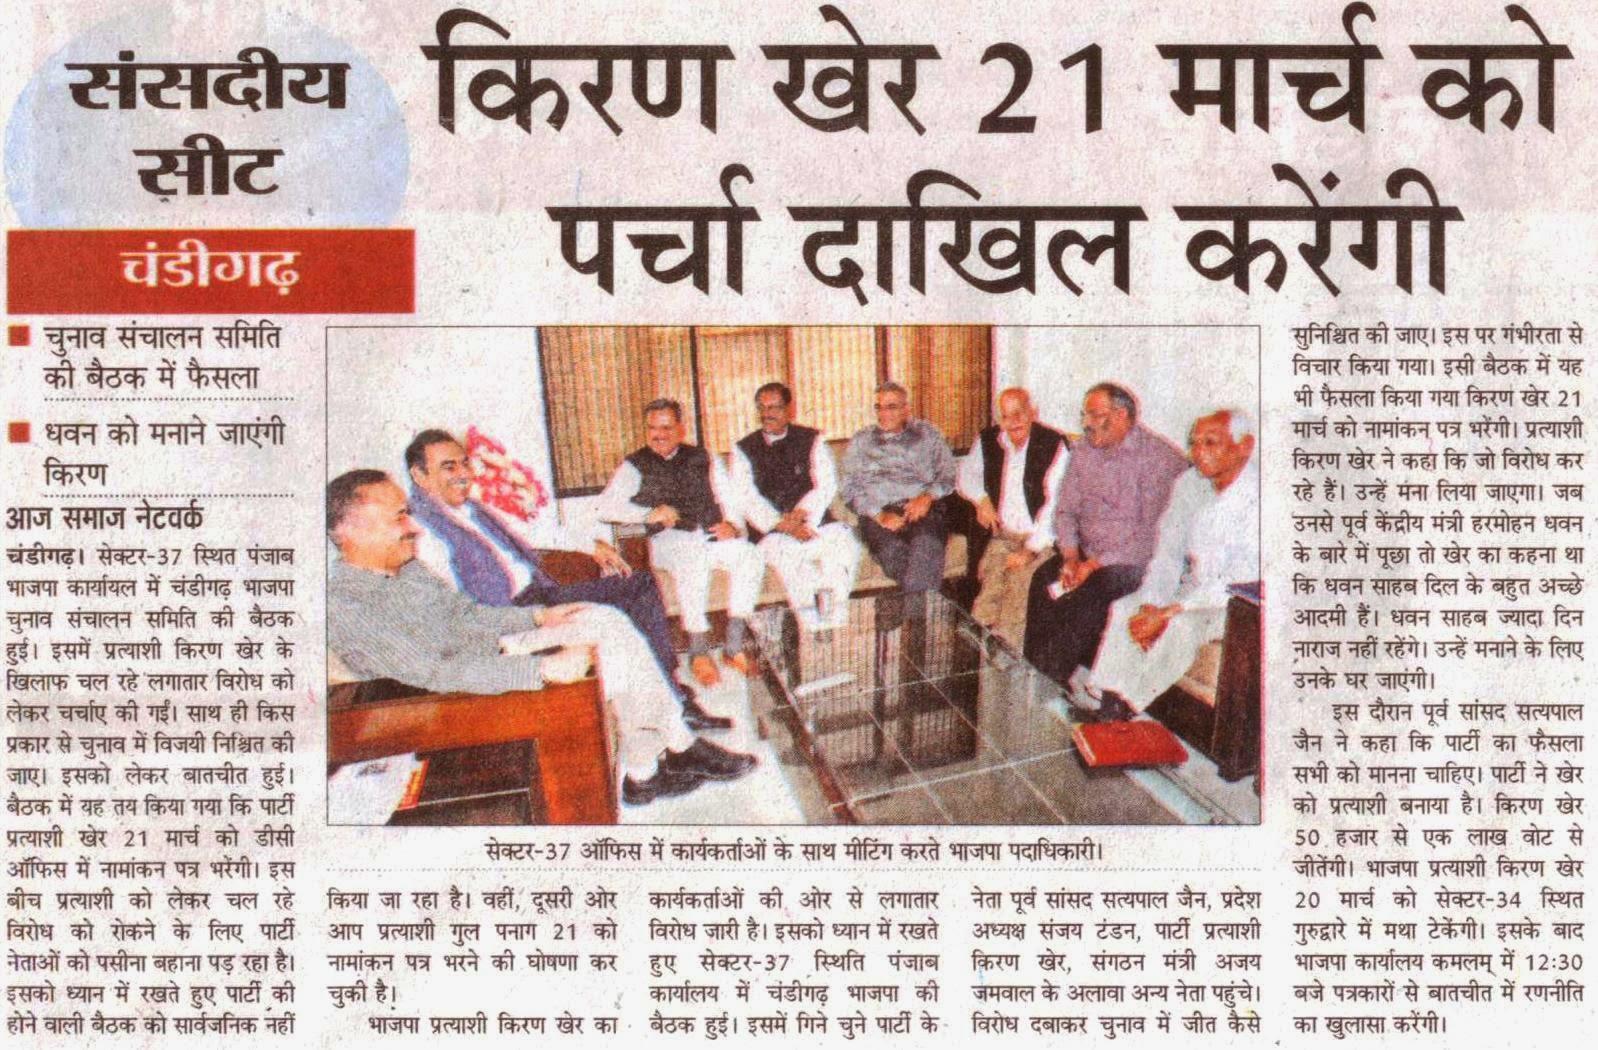 सेक्टर 37 ऑफिस में कार्यकर्ताओं के साथ मीटिंग करते भाजपा के वरिष्ठ नेता सत्य पाल जैन व अन्य